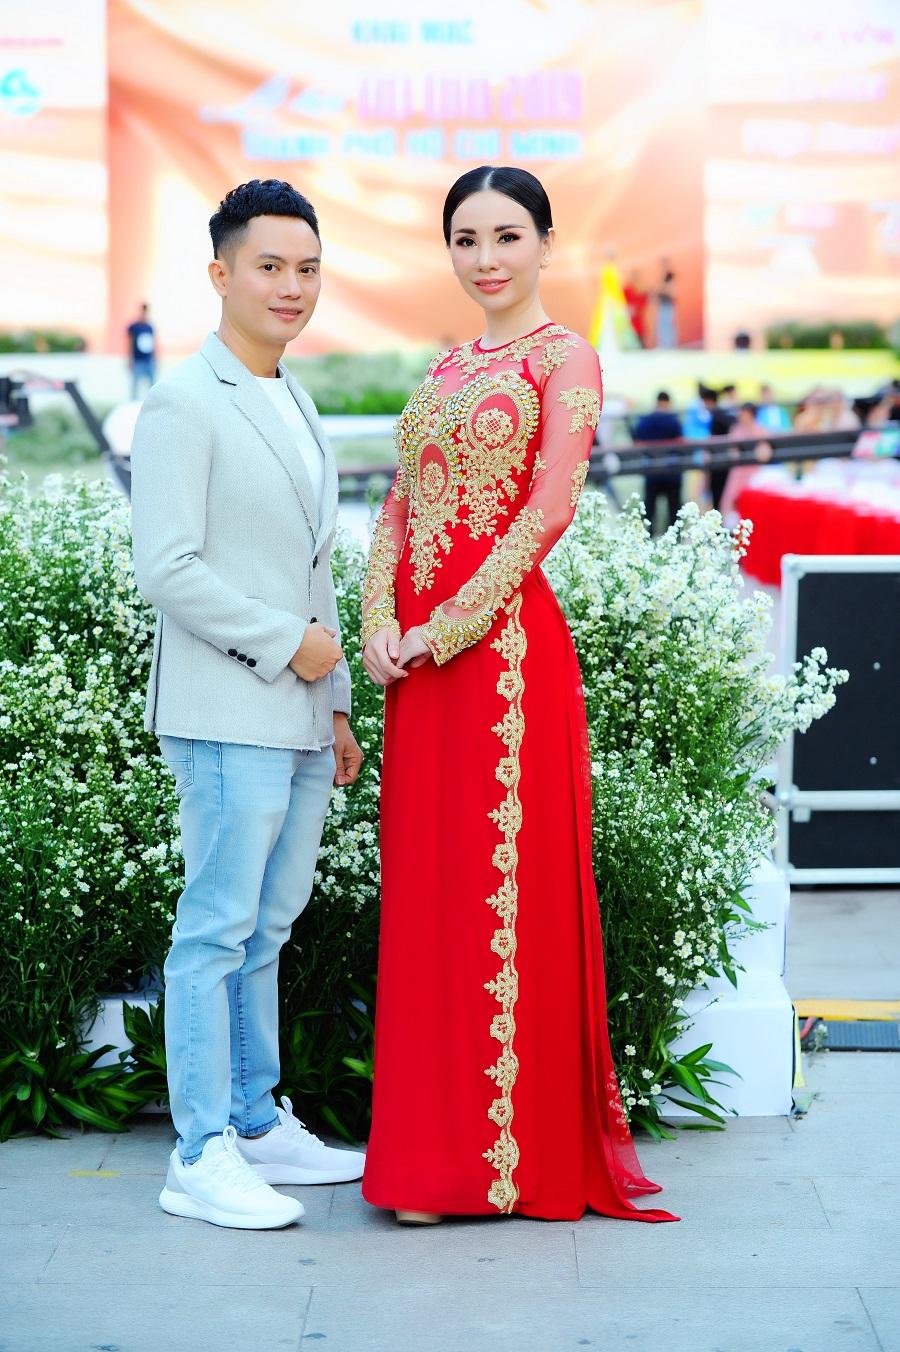 3 - Hoa hậu Đại sứ Qúy bà Hoàn Vũ thế giới làm nàng thơ trong BST của Ngô Nhật Huy